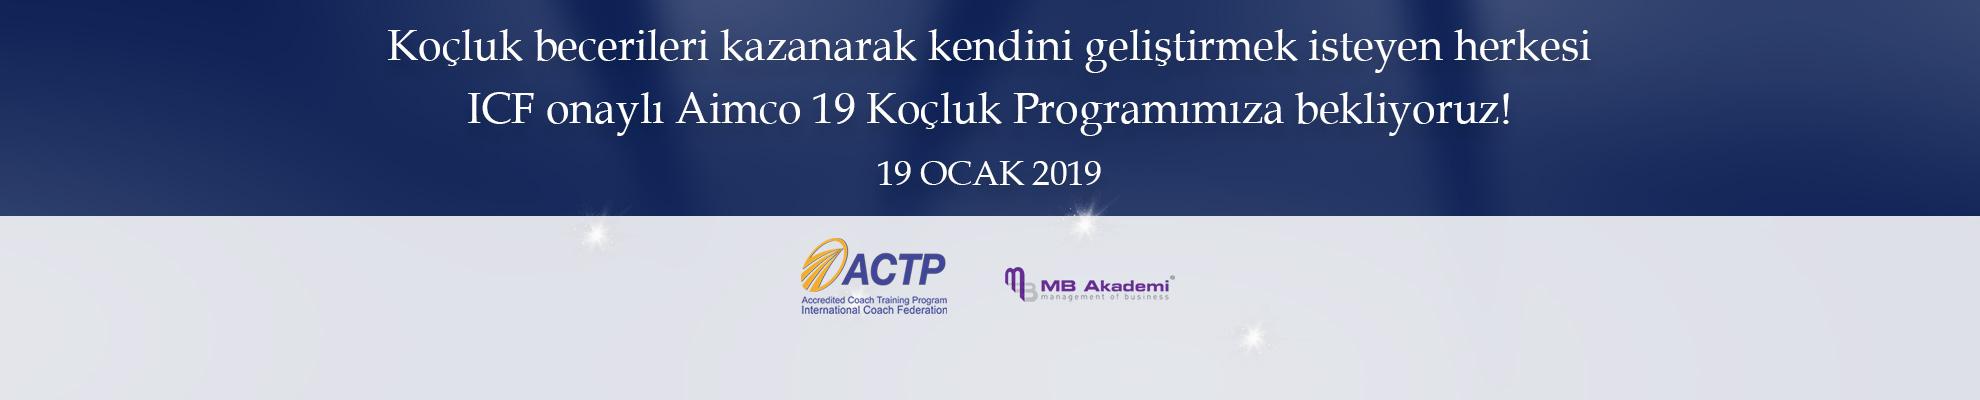 19-ocak-2019